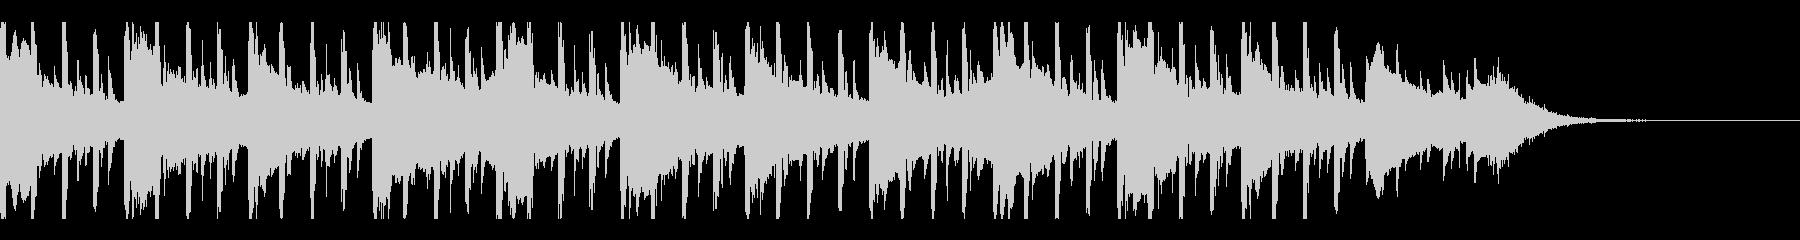 ミニマリズム(30秒)の未再生の波形